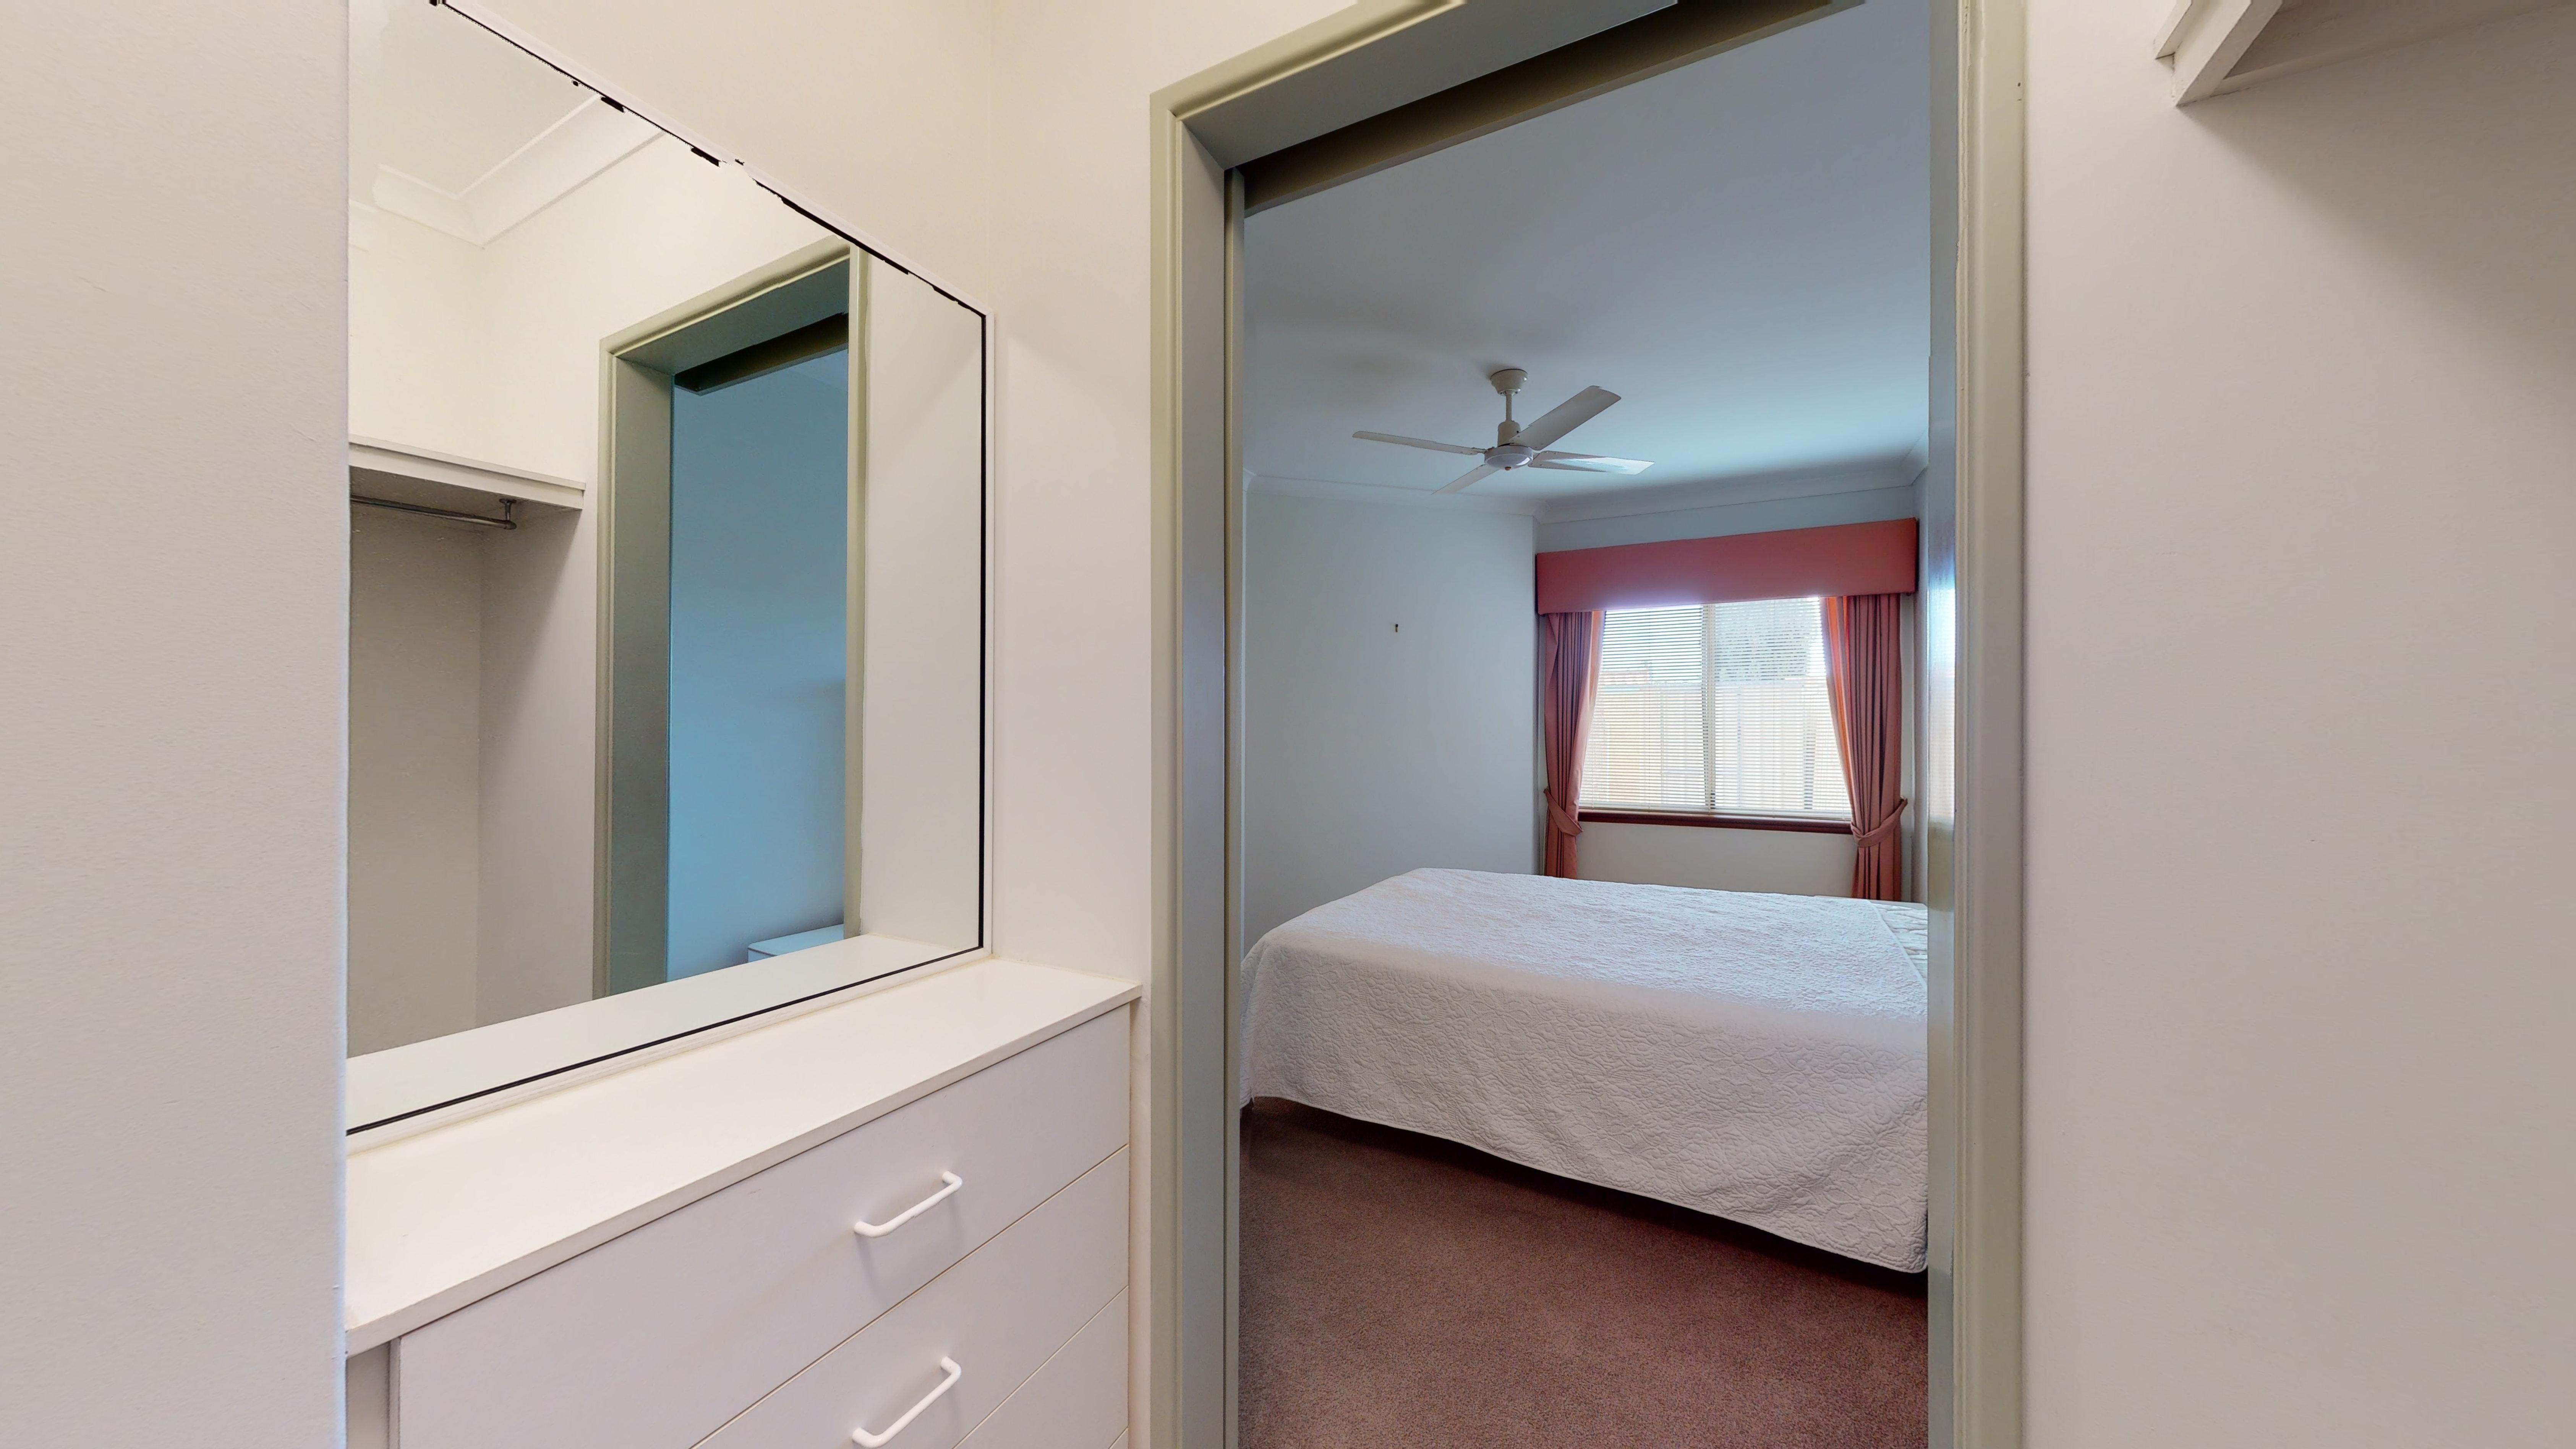 29959159 1622442305 29409 207 177 Dampier Avenue Kallaroo Main Bedroom